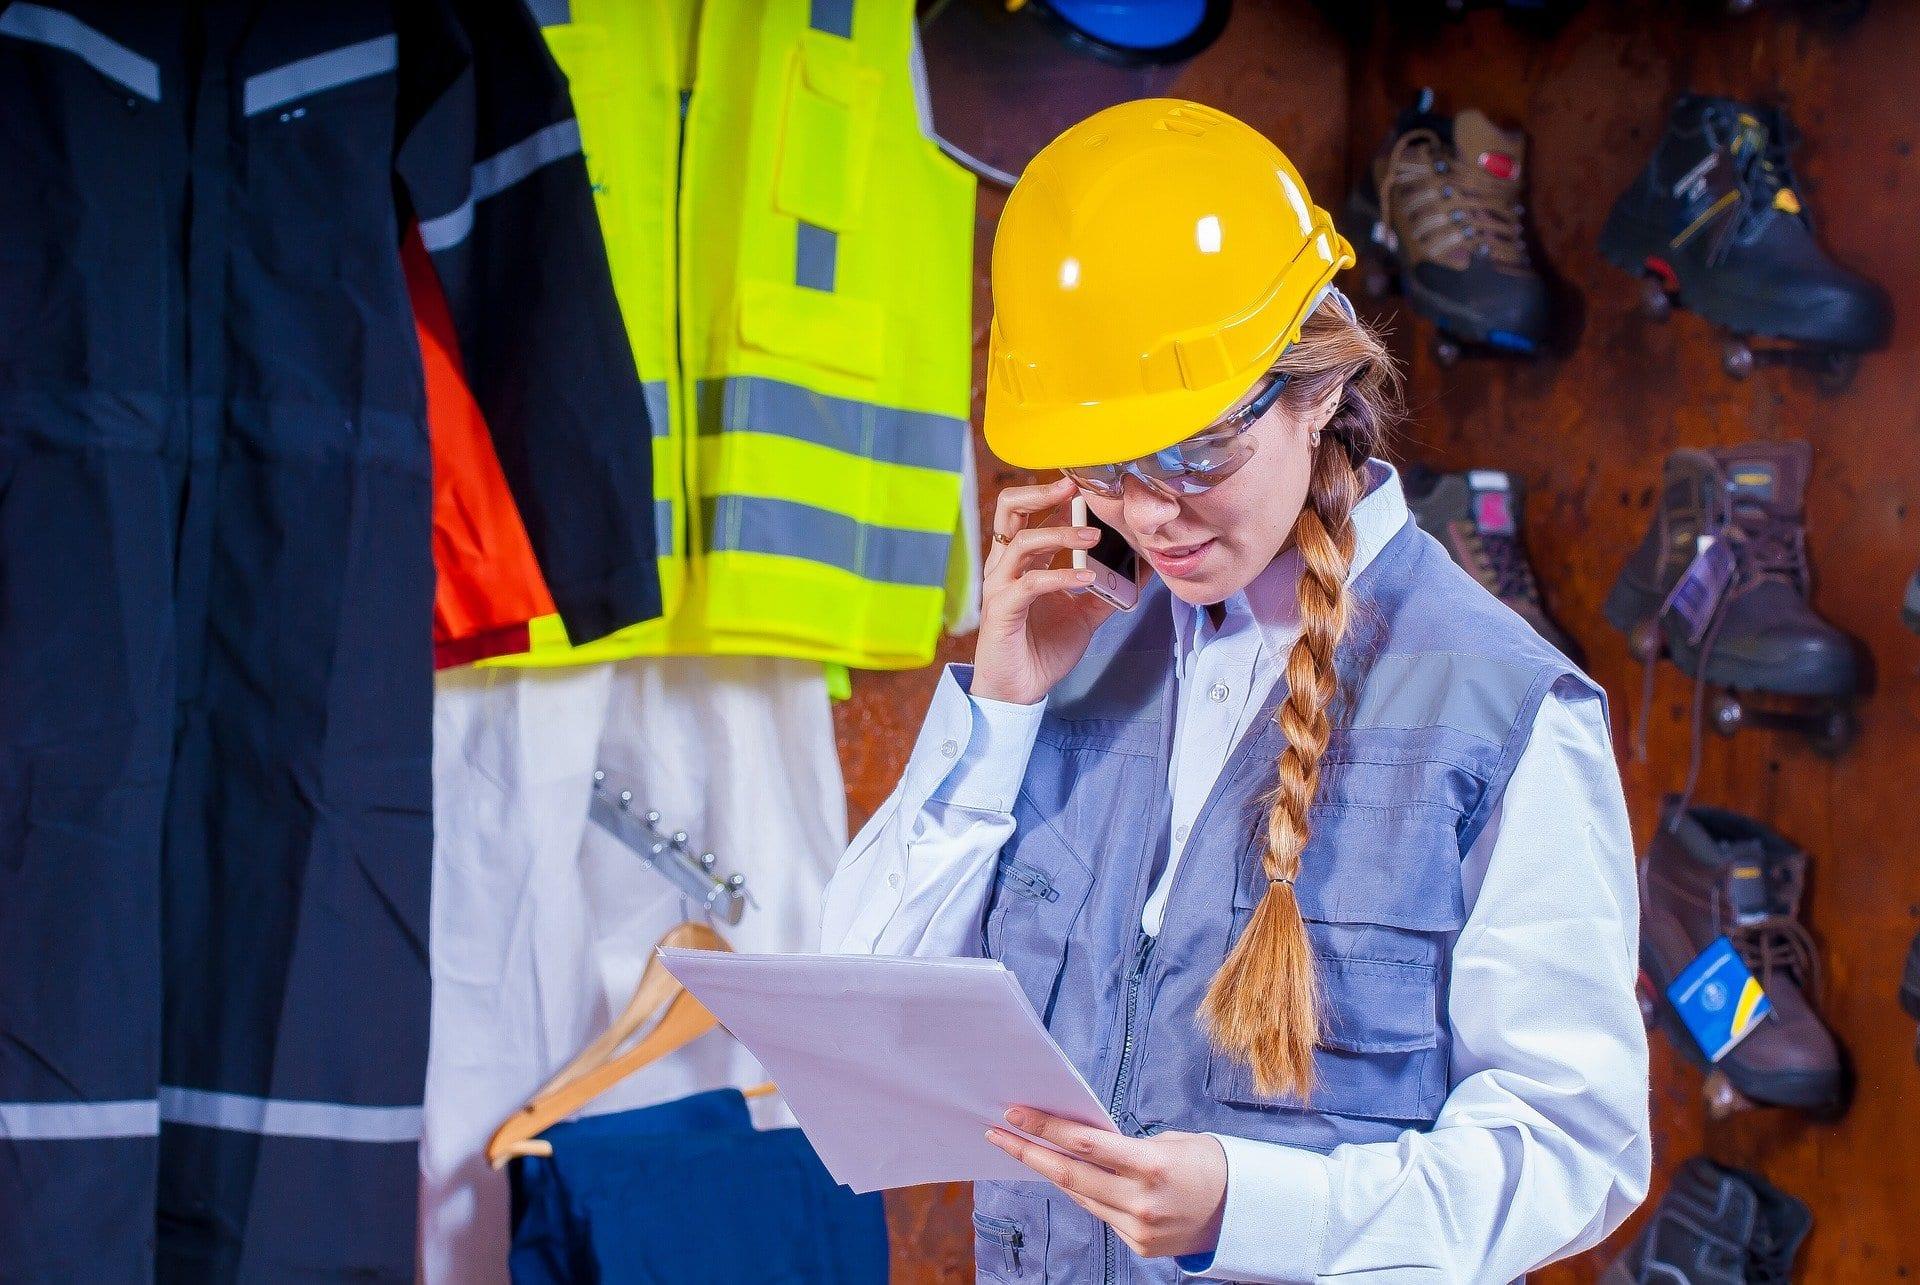 Near miss e sicurezza sul lavoro, come si effettuano le segnalazioni